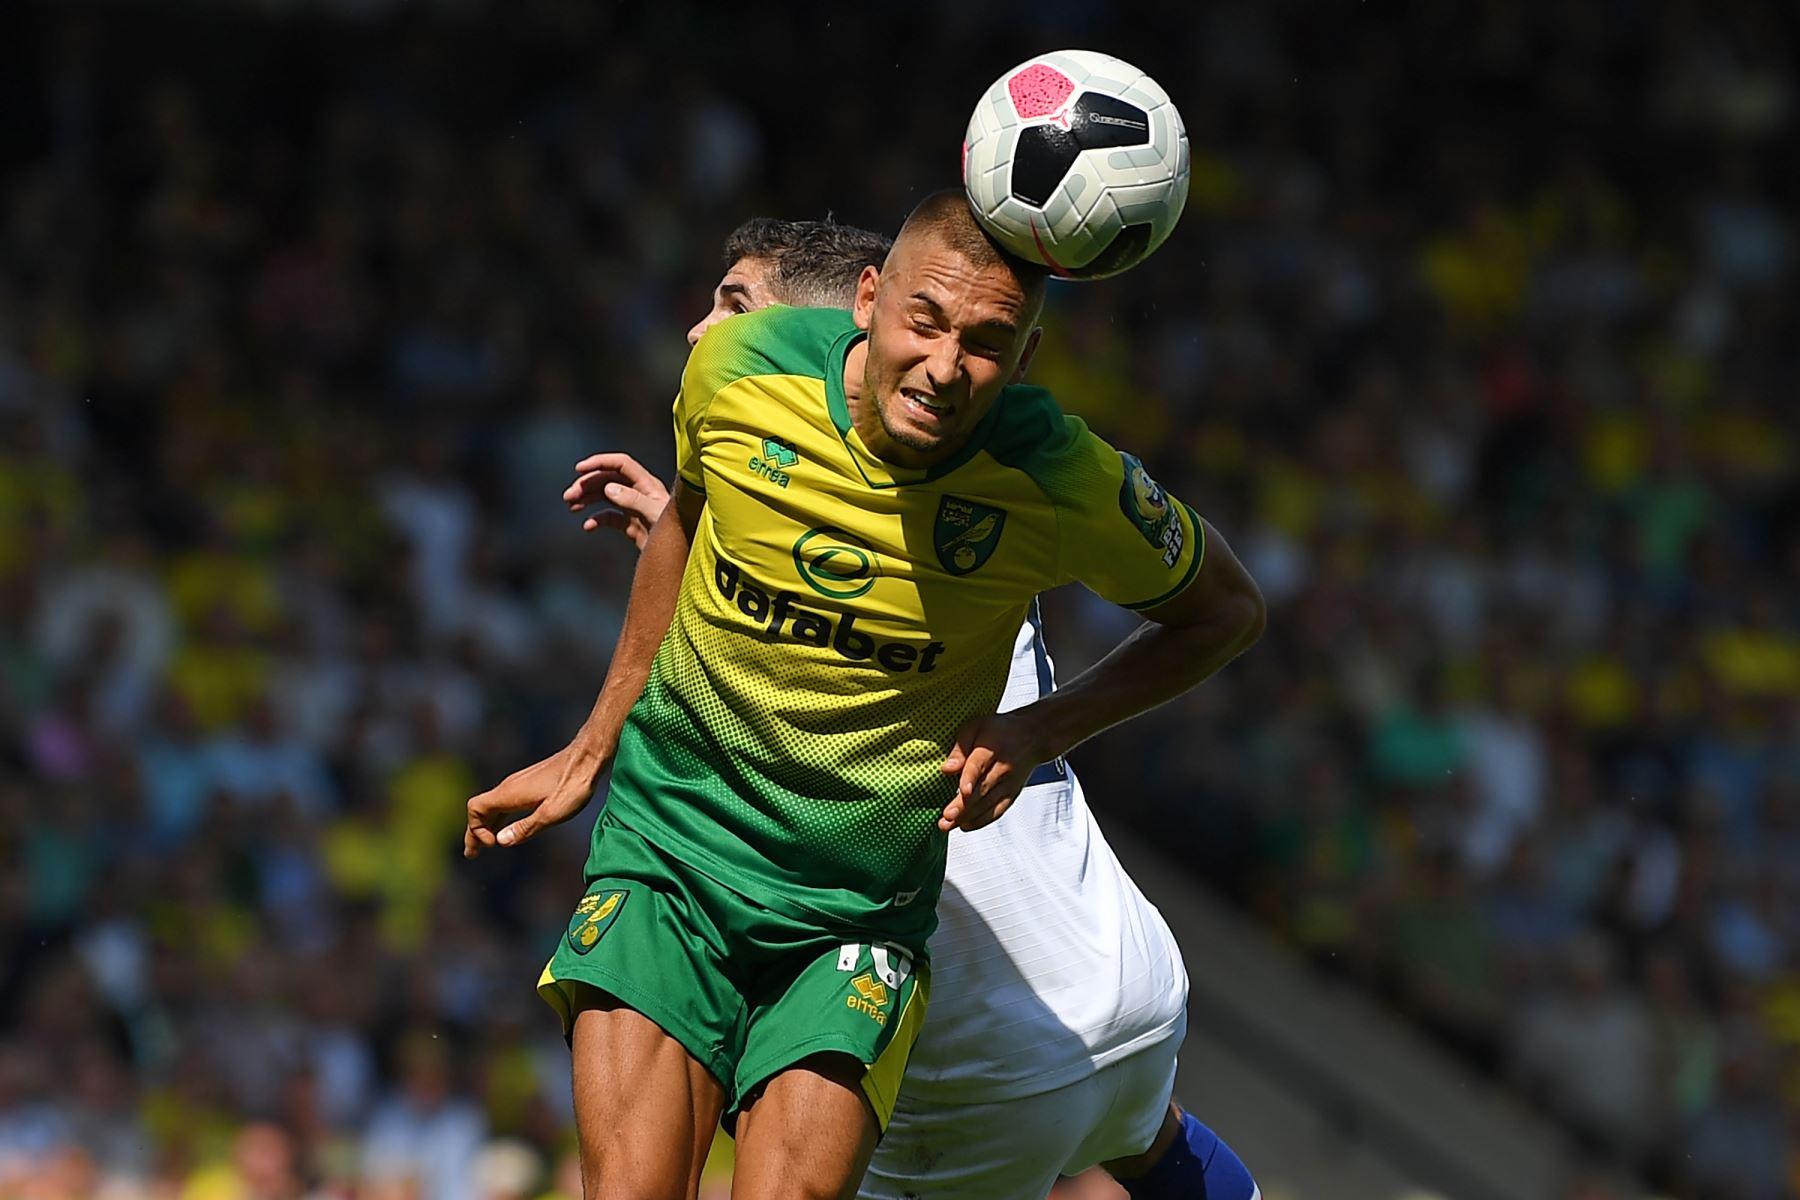 El centrocampista alemán de Norwich City Moritz Leitner gana un cabezazo bajo la presión del centrocampista estadounidense Chelsea Pulisic durante el partido de fútbol de la Premier League inglesa entre Norwich City y Chelsea. Foto: AFP